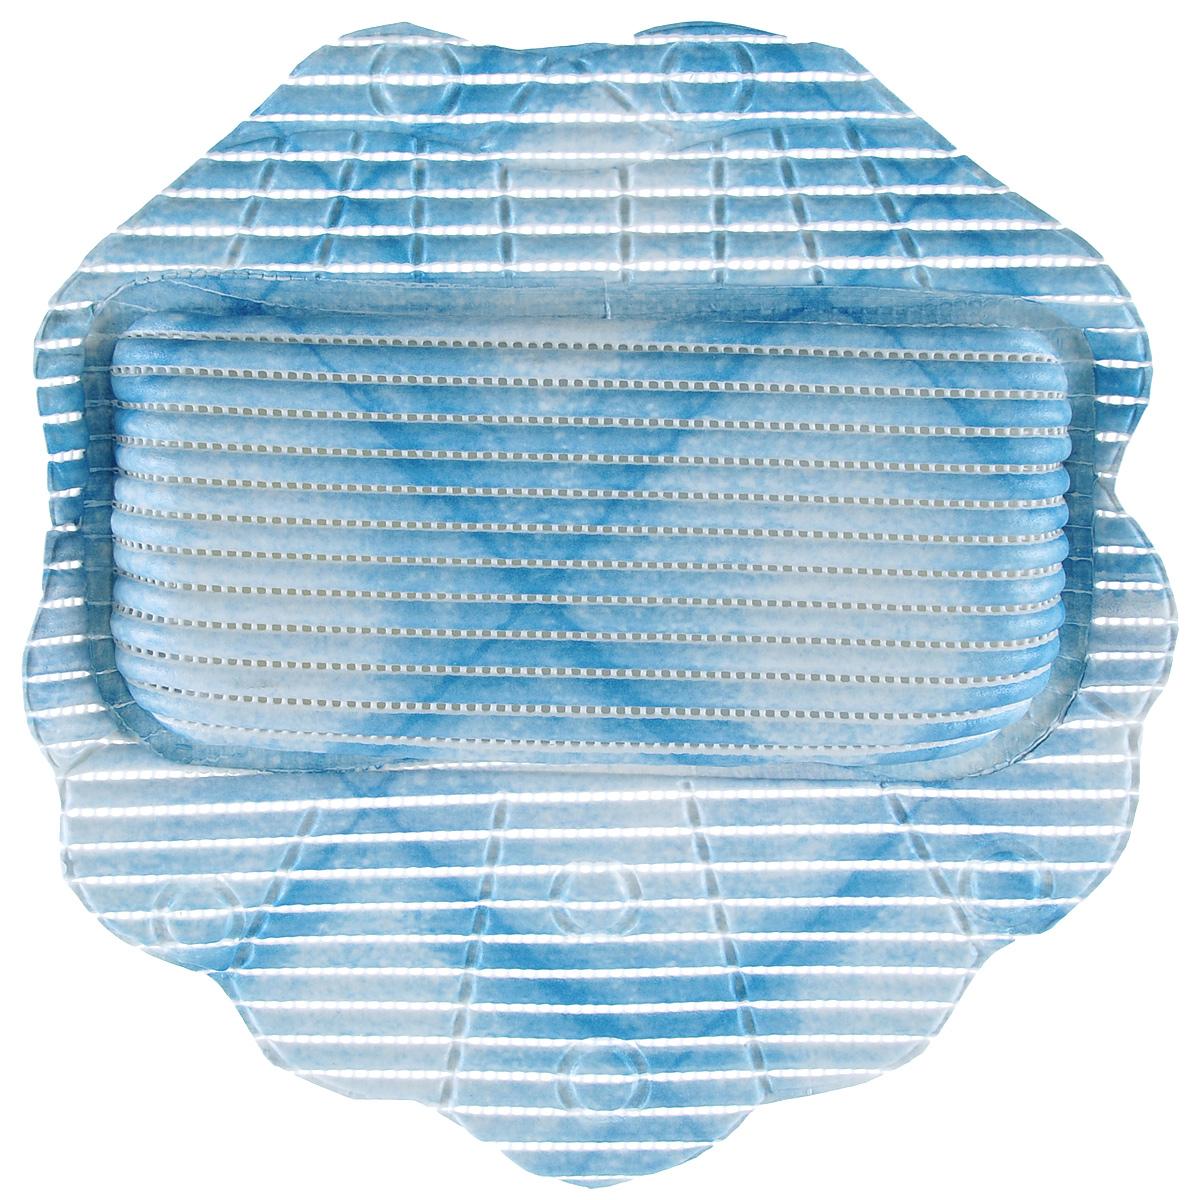 Подушка для ванны Fresh Code Flexy, цвет: синий, 33 см х 33 см12723Подушка для ванны Fresh Code Flexy обеспечивает комфорт во время принятия ванны. Крепится на поверхность ванной с помощью присосок. Выполнена из ПВХ.